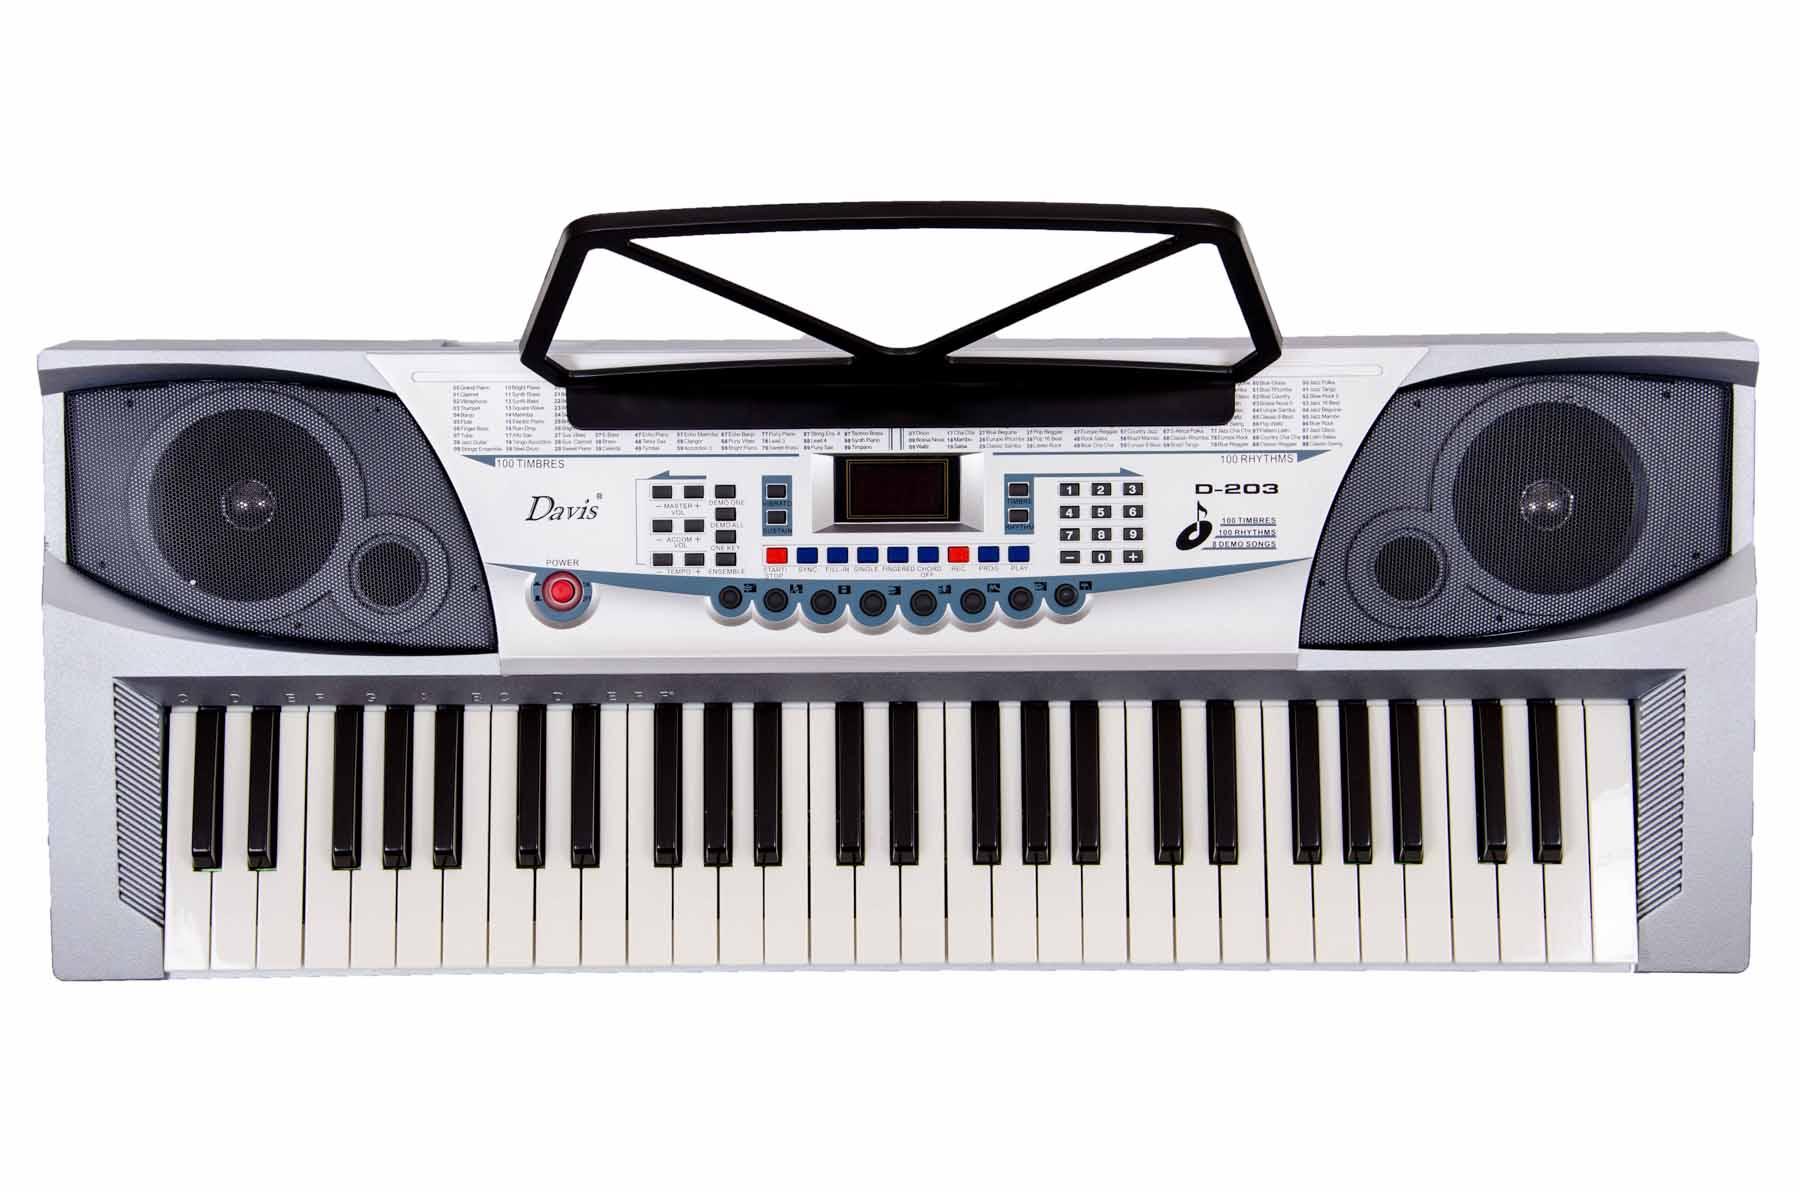 Davis Musical Instruments-D-203_1